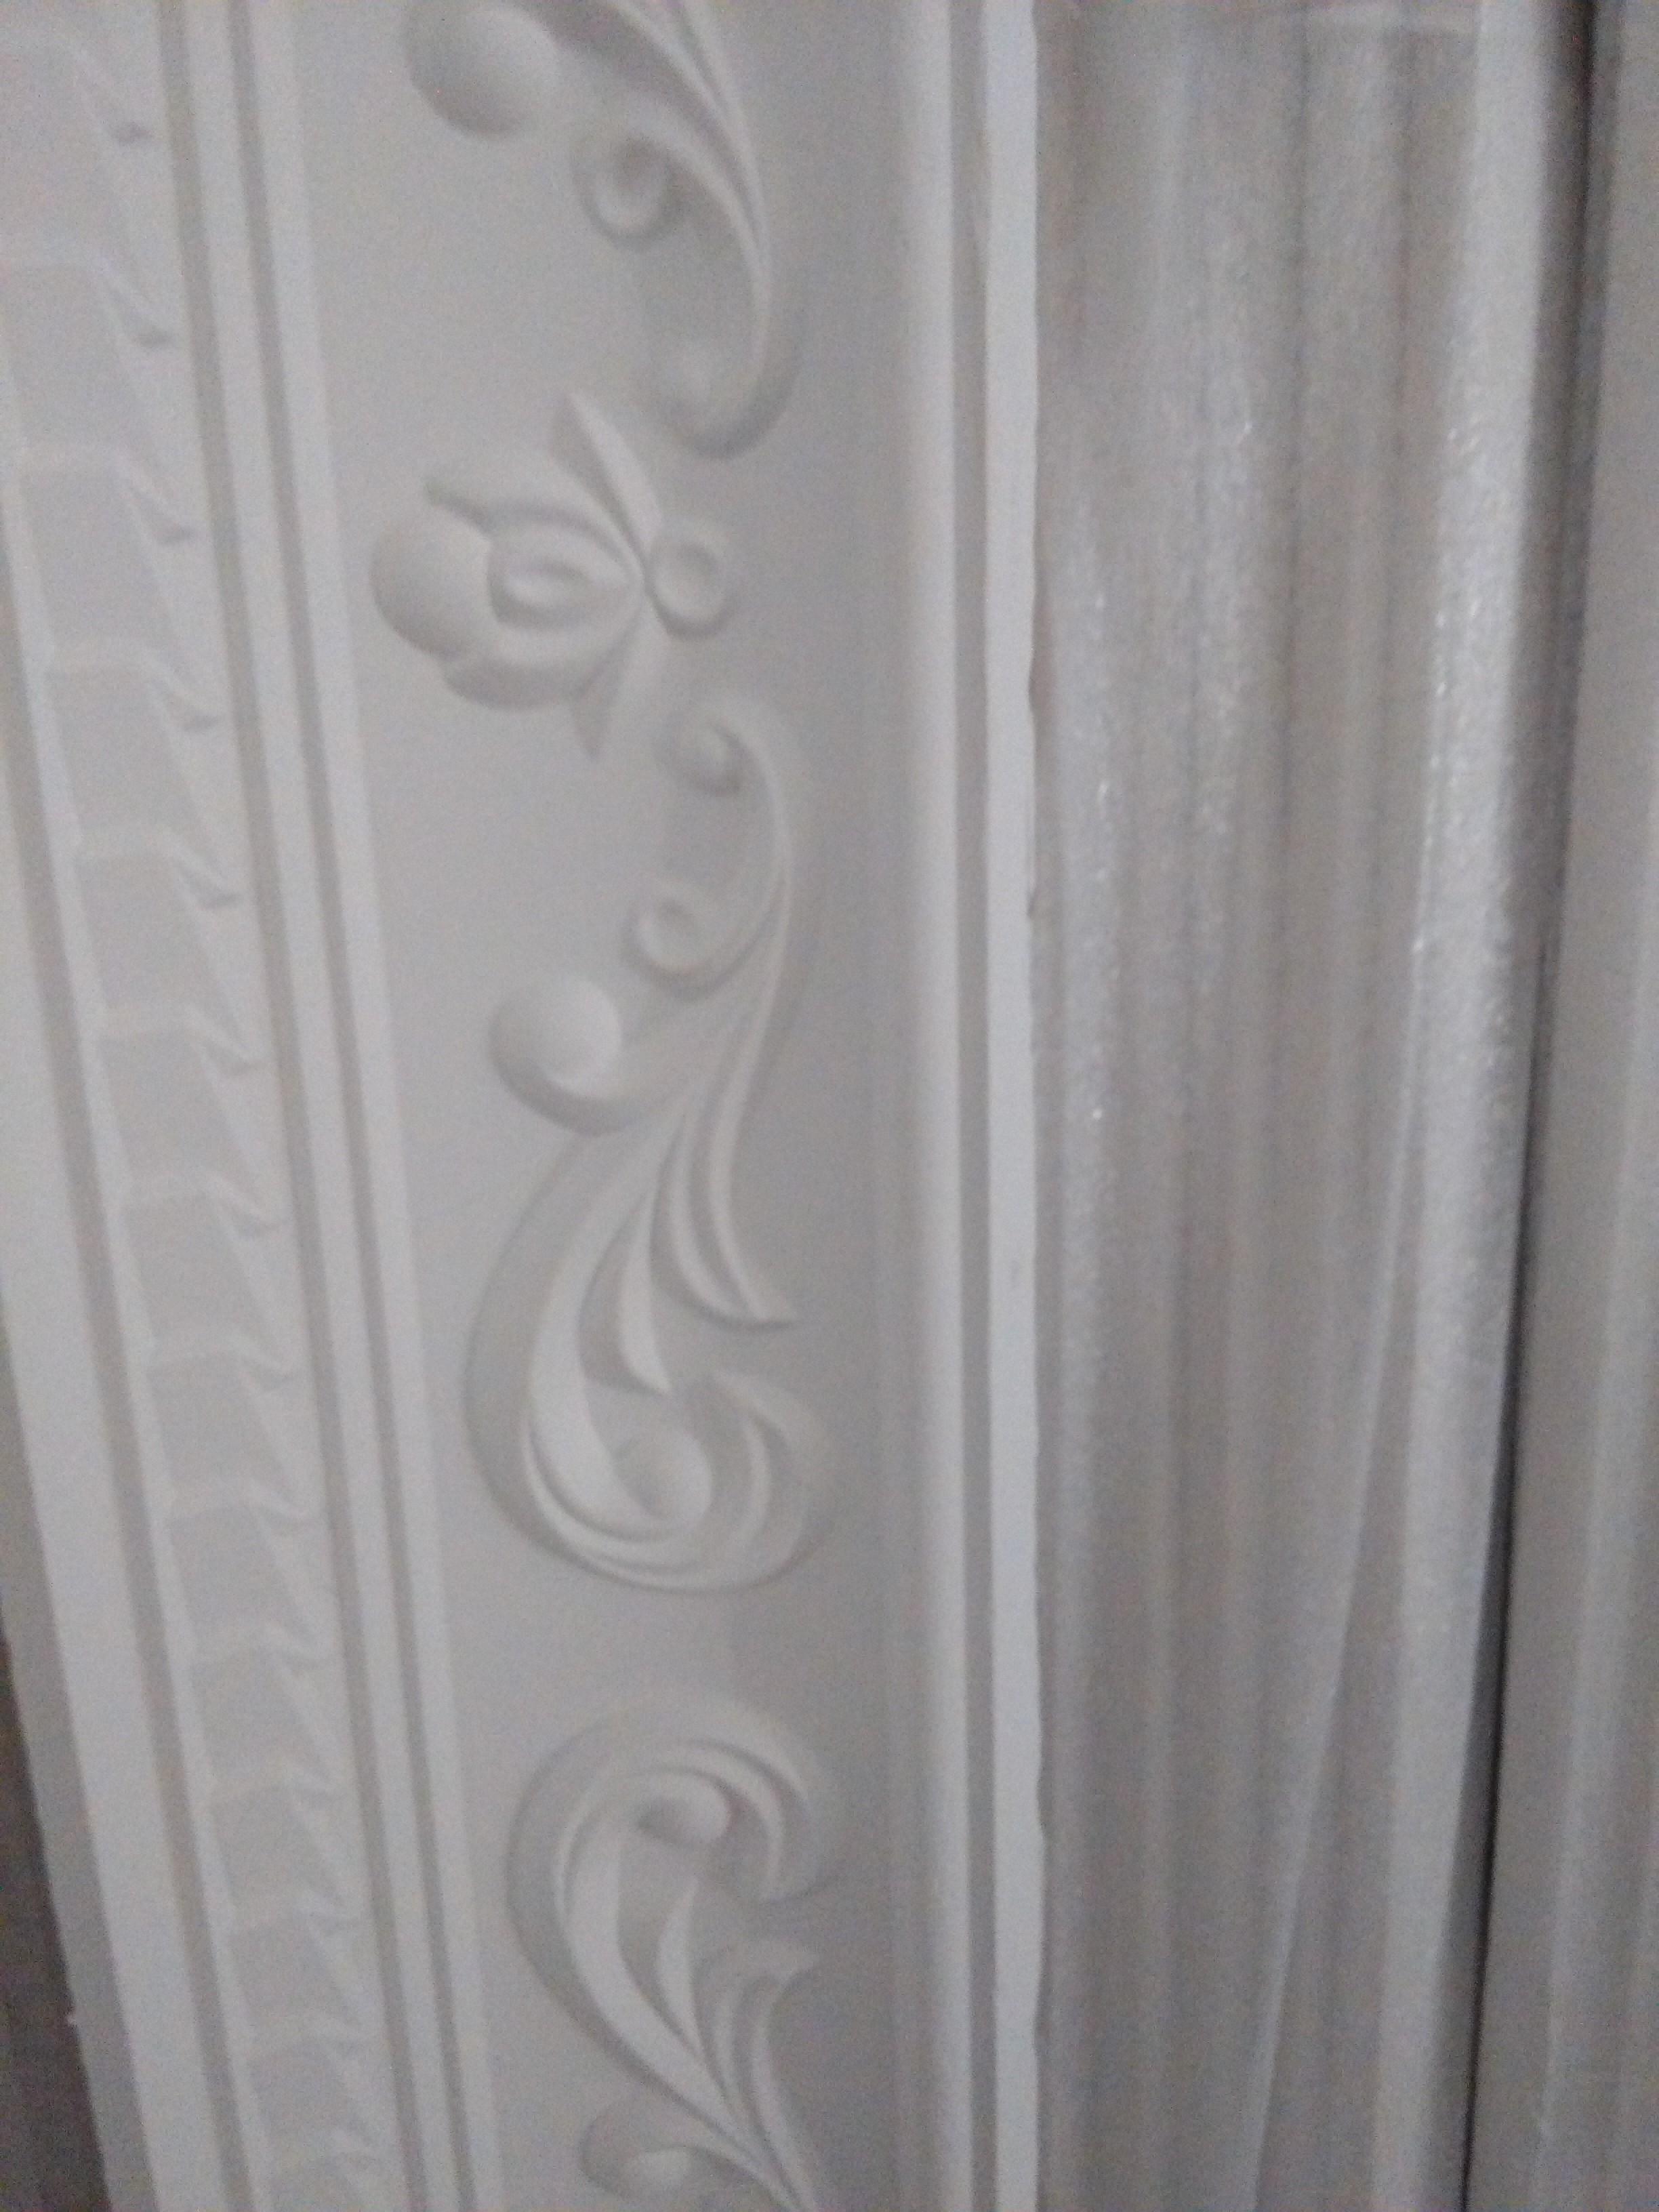 供应用于墙面装饰的湖南石膏线首选厂家 石膏装饰线条